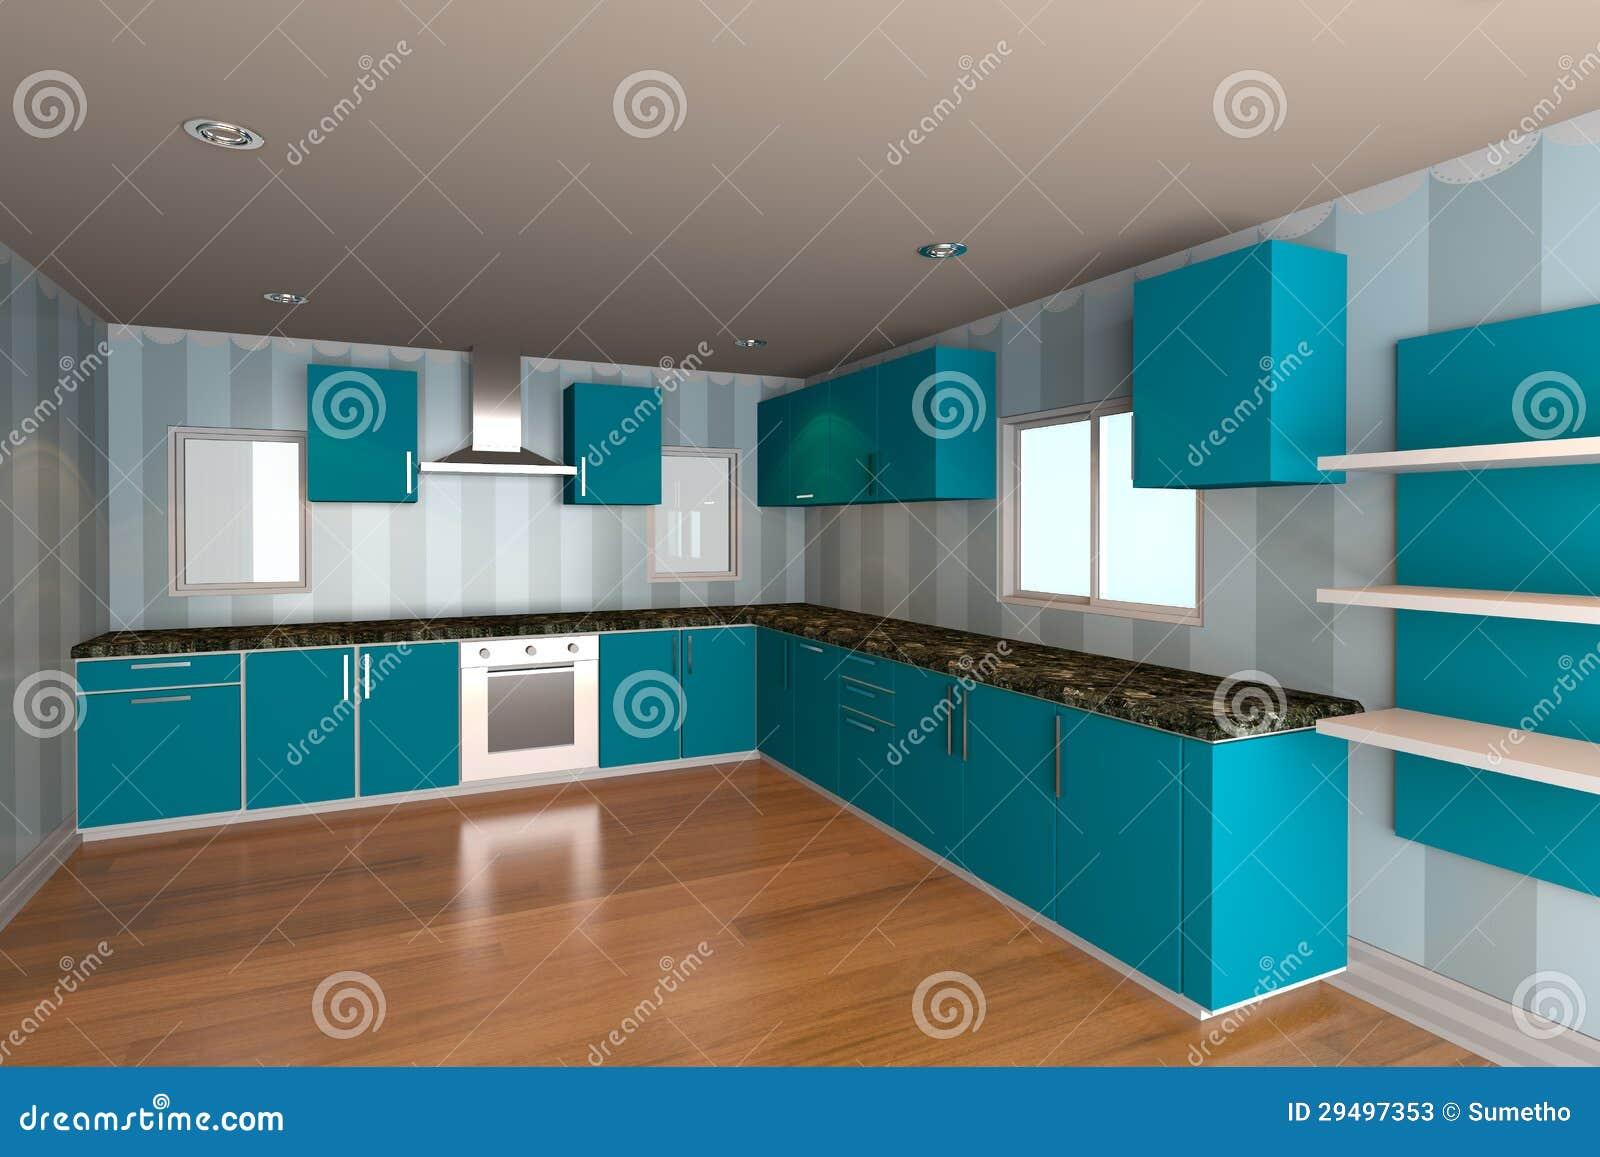 Fußboden Tapete ~ Küchenraum mit blauer tapete stock abbildung illustration von